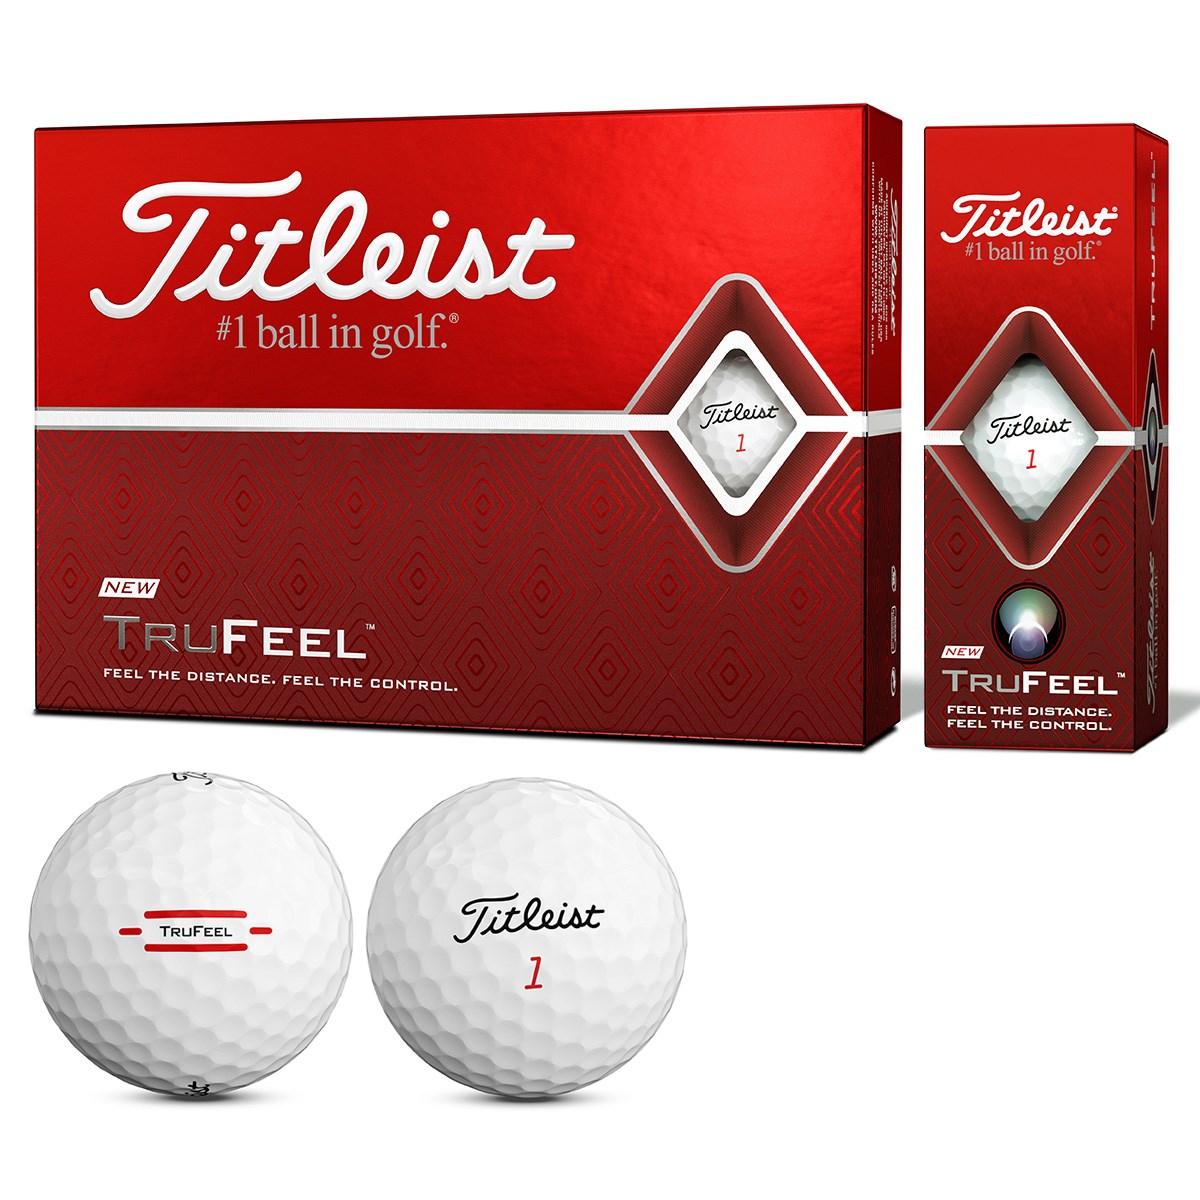 タイトリスト TITLEIST TRUFEEL ボール 3ダースセット 3ダース(36個入り) ホワイト